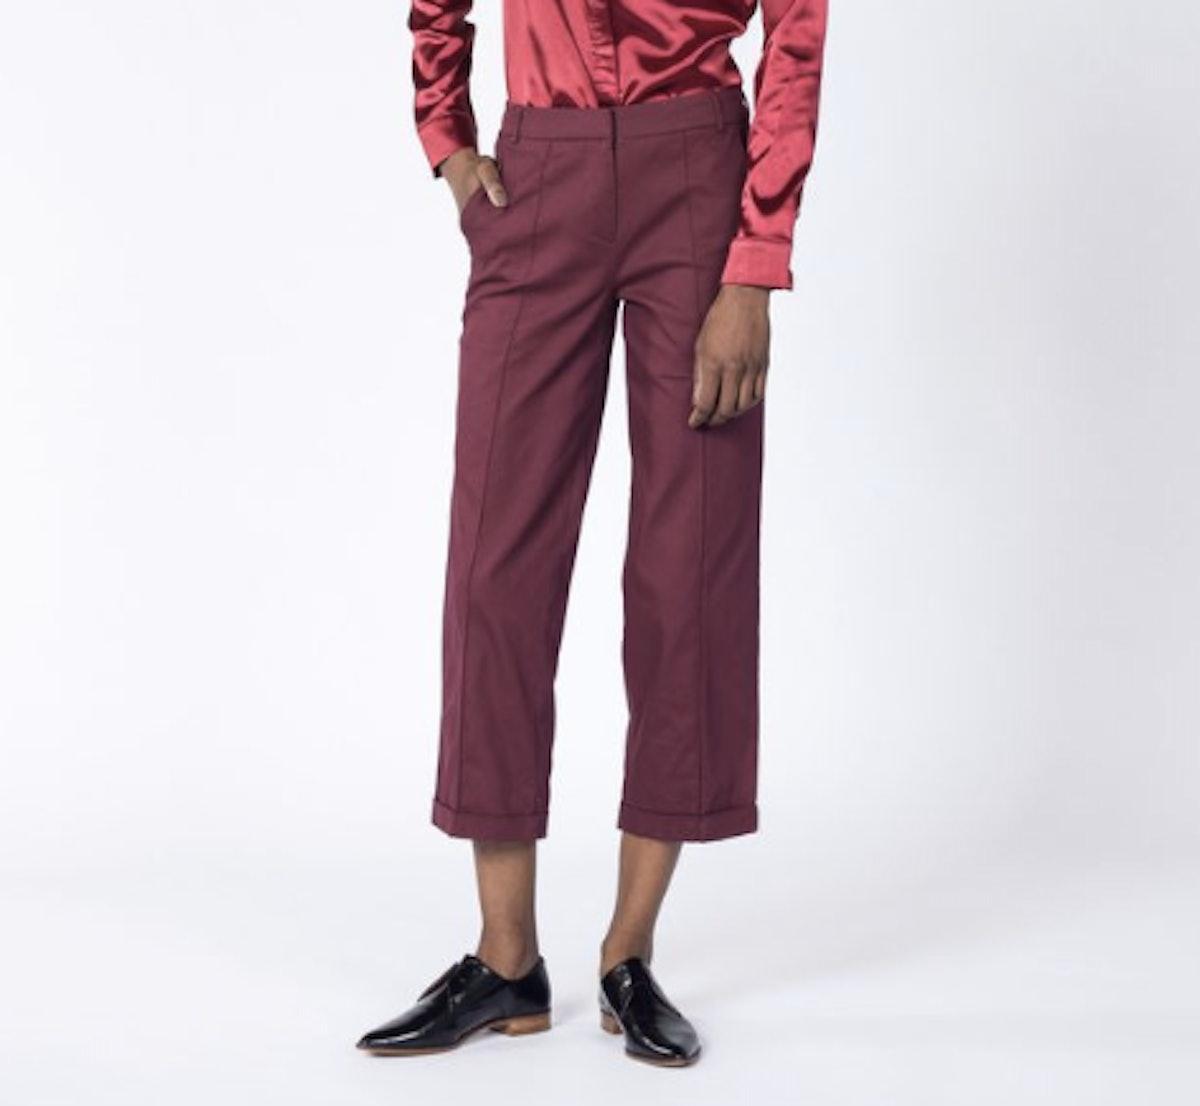 The Boyega Wide Leg Trouser